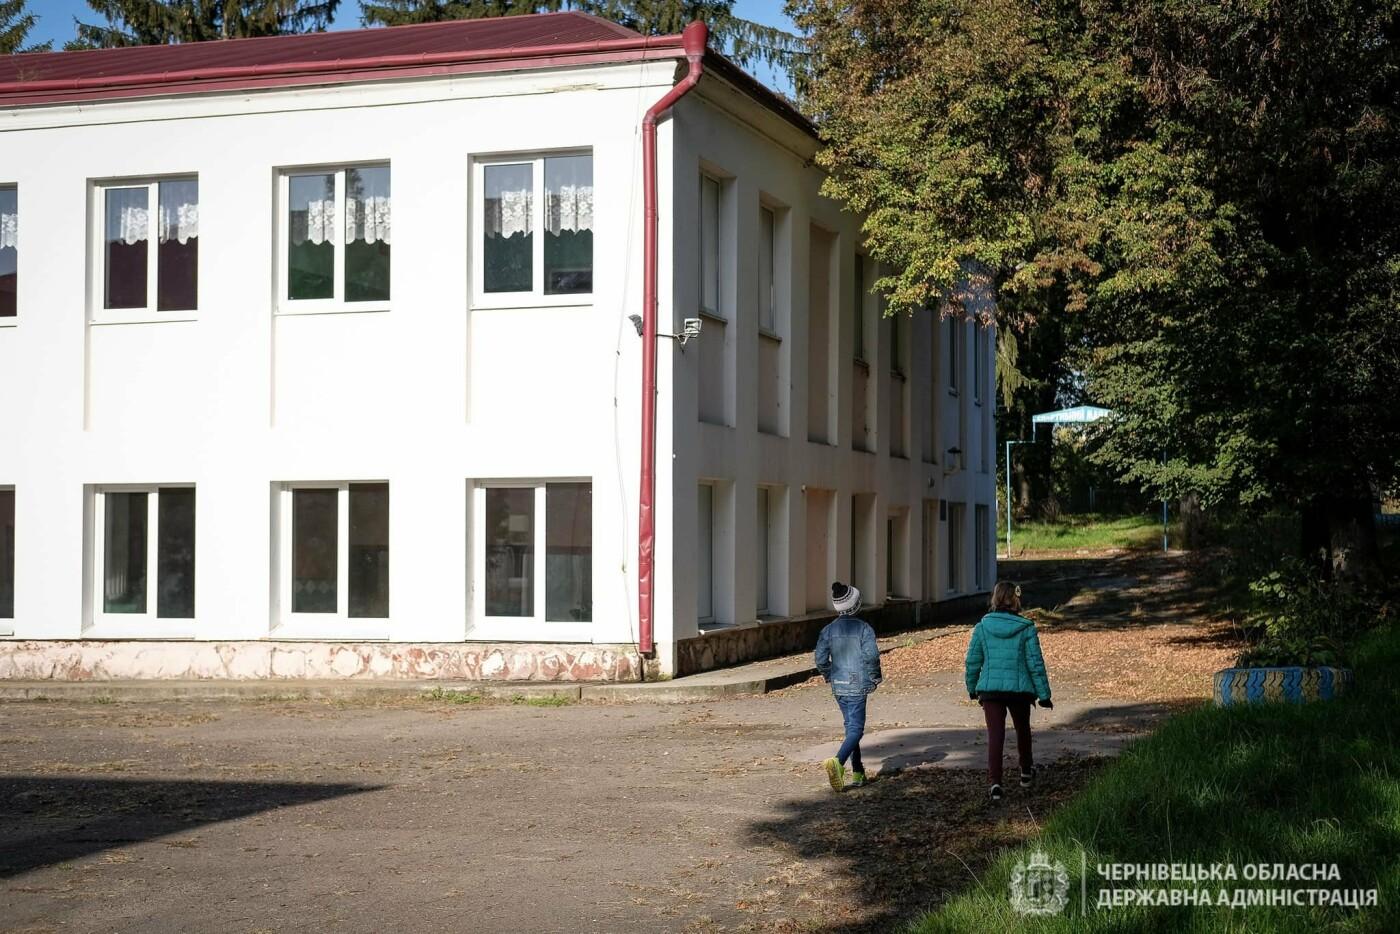 Центр соціально-психологічної допомоги, Чернівецька ОДА